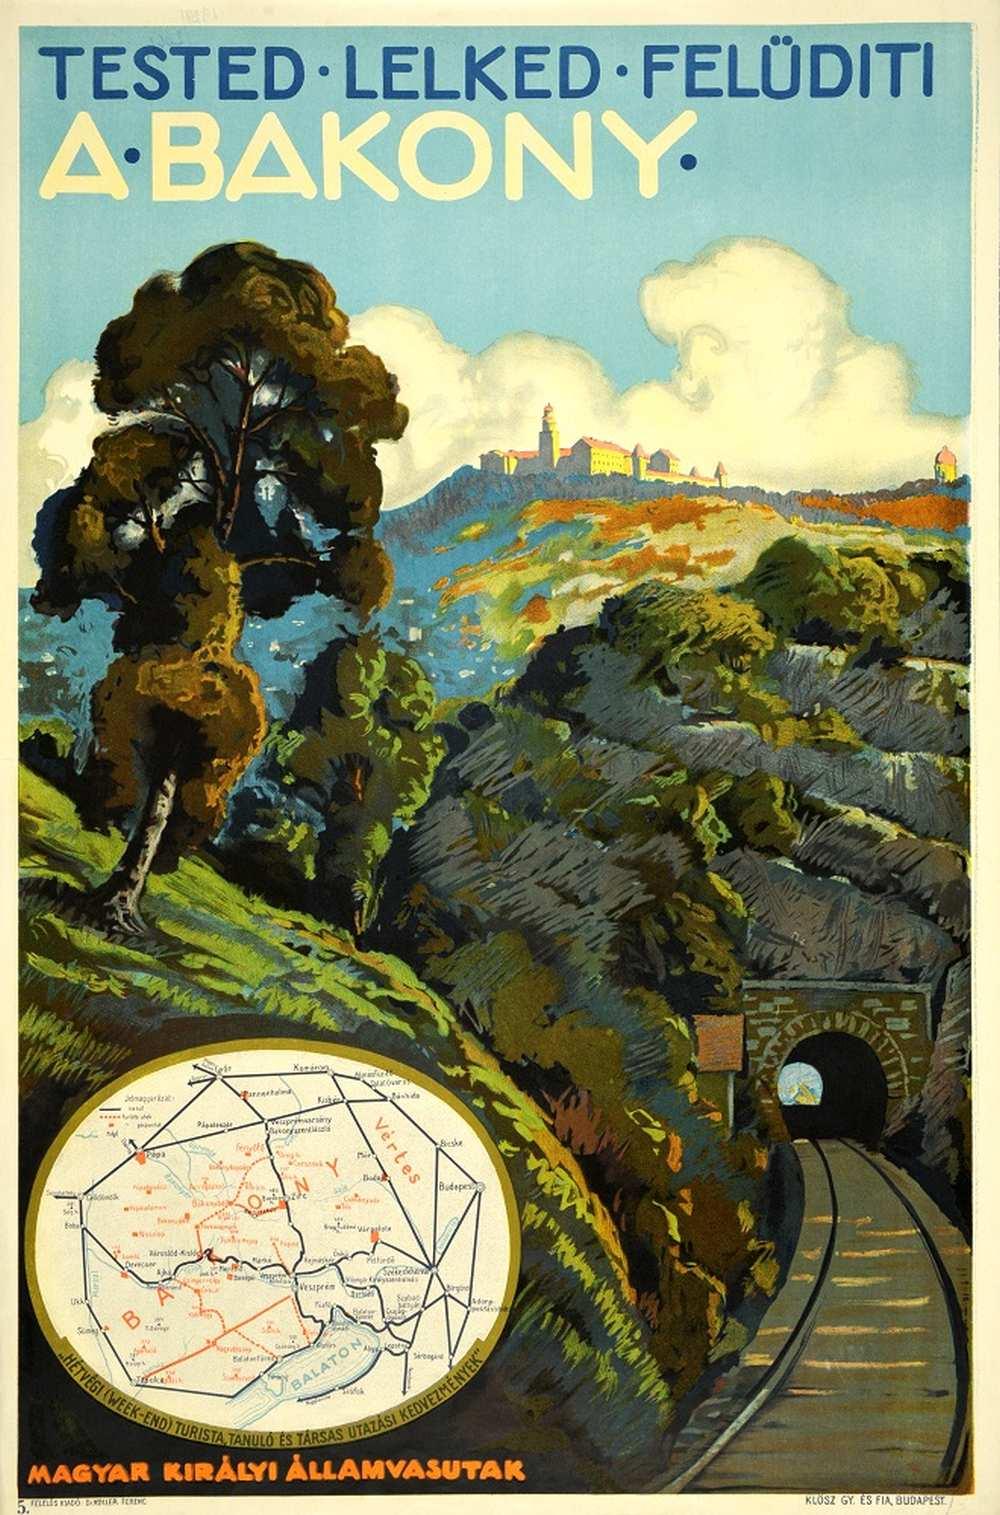 Tested lelked felüdíti a Bakony (1929). Jelzet: PKG.1929/206B – Térkép-, Plakát- és Kisnyomtatványtár http://nektar.oszk.hu/hu/manifestation/2789221